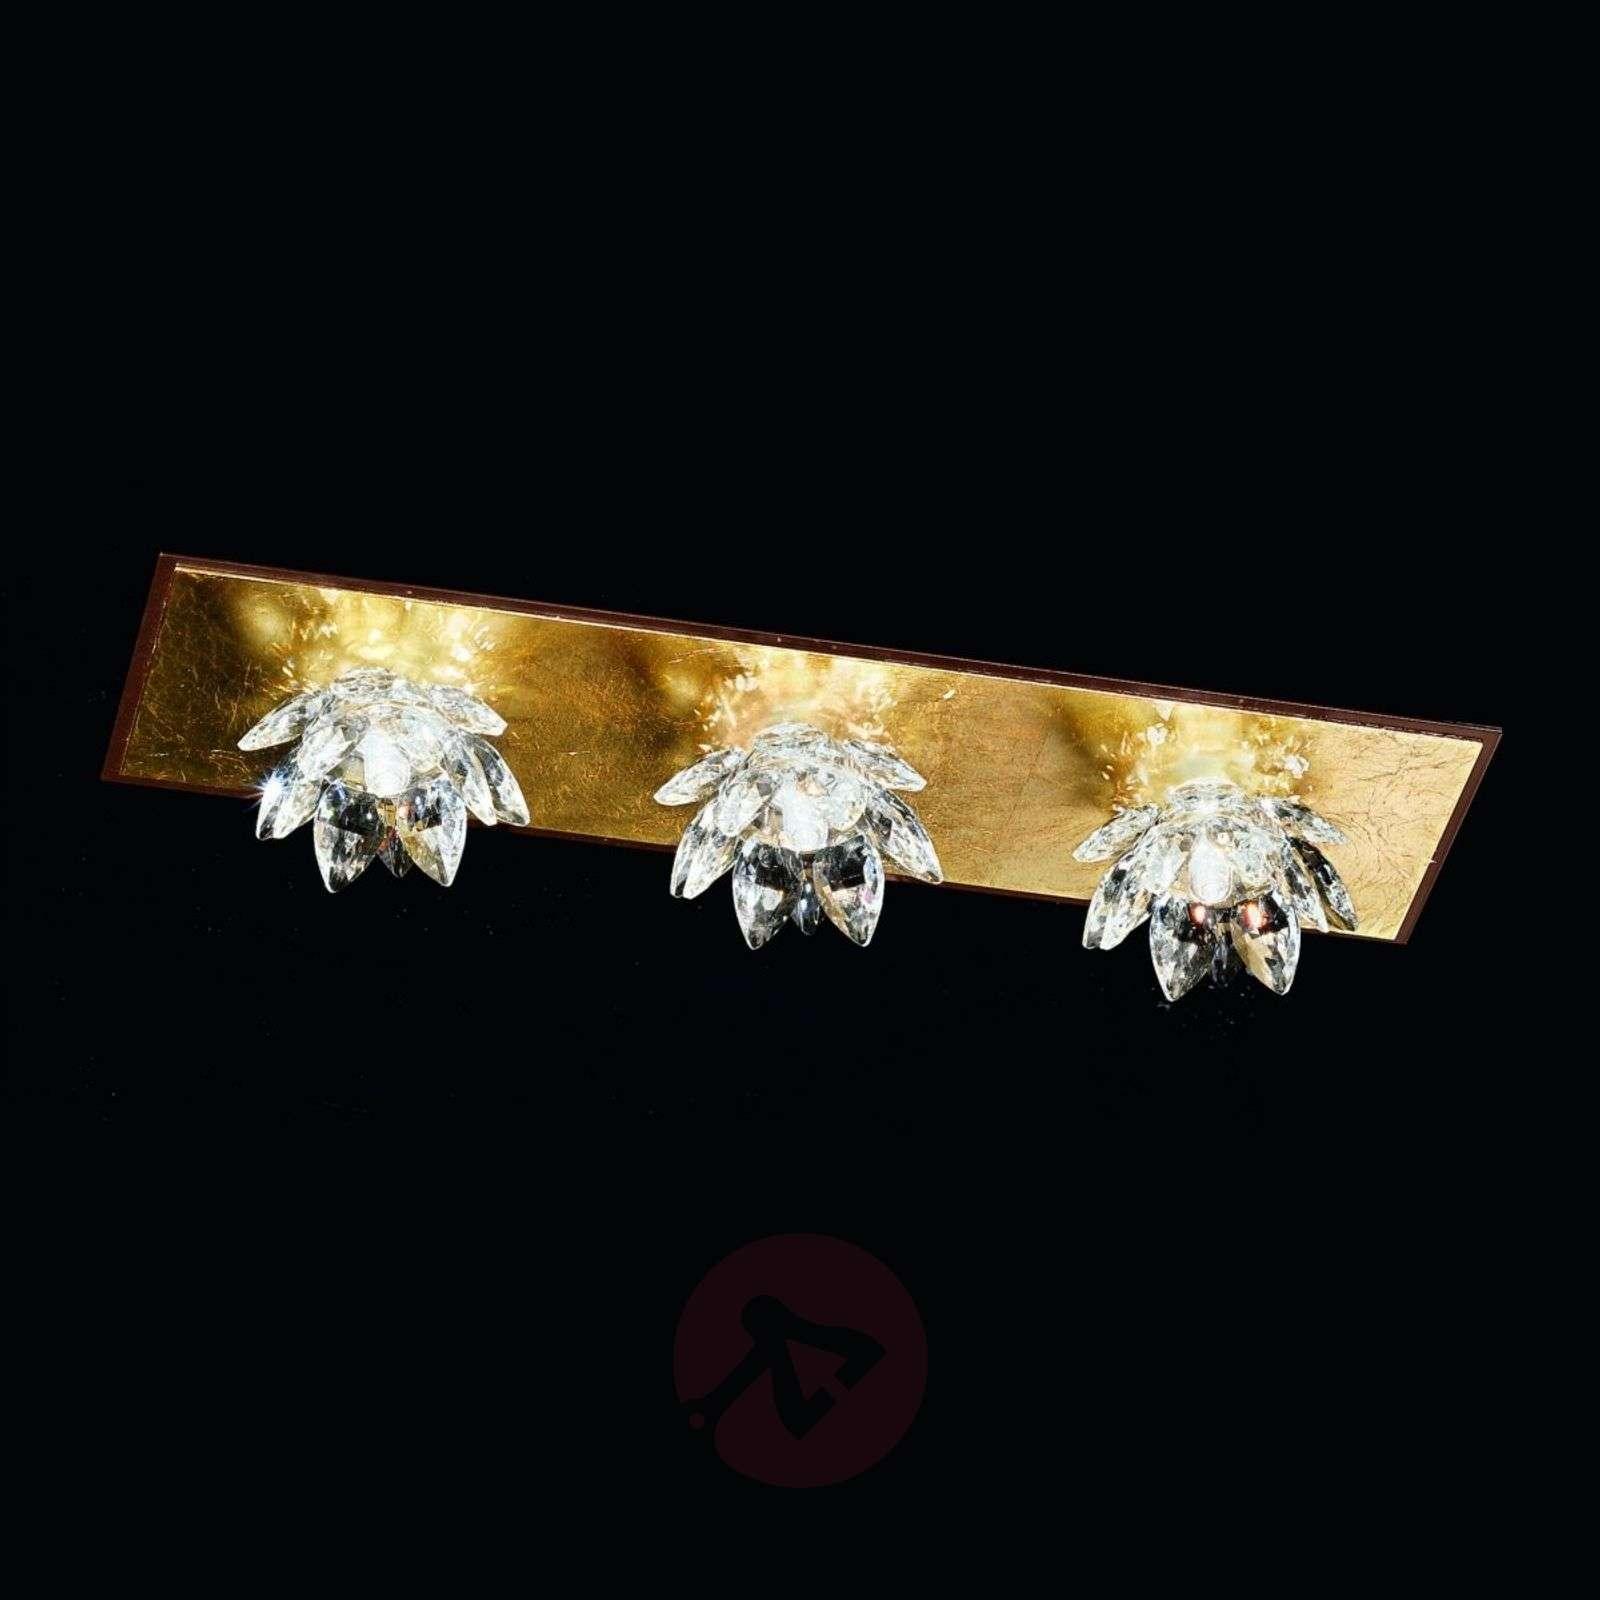 Fiore-kattovalaisin lehtikullalla ja kristallilla-5505543X-01